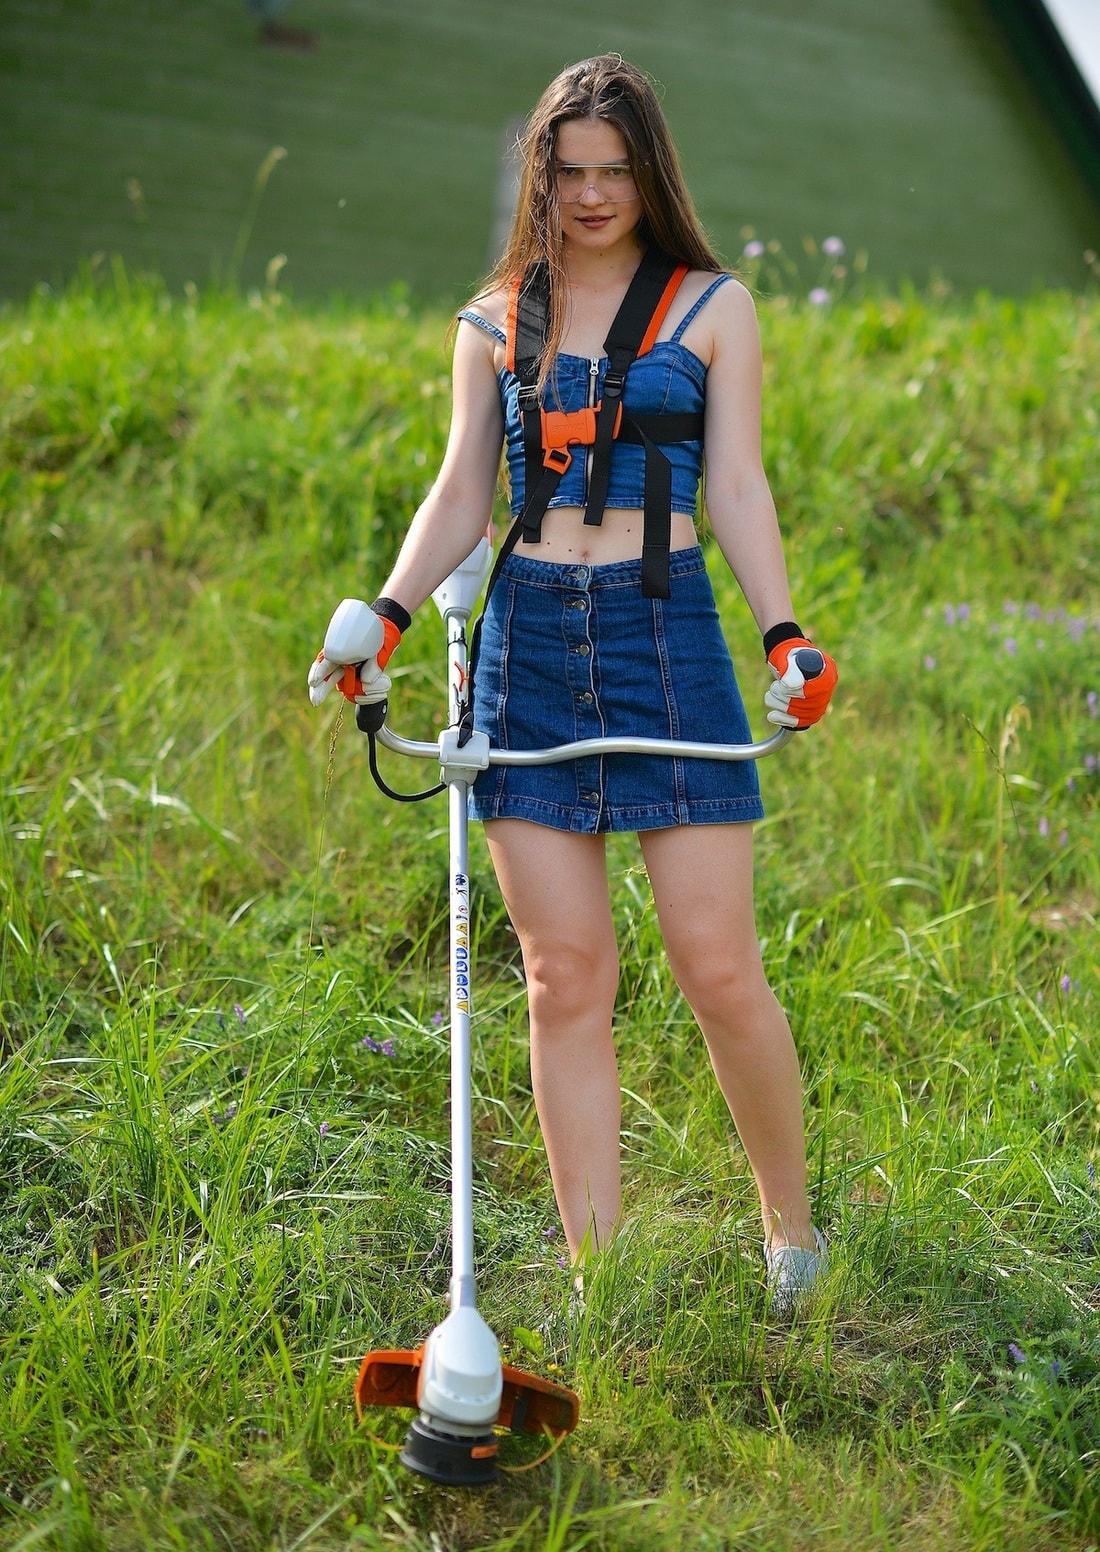 Koszenie, nawożenie, nawadnianie i napowietrzanie trawnika